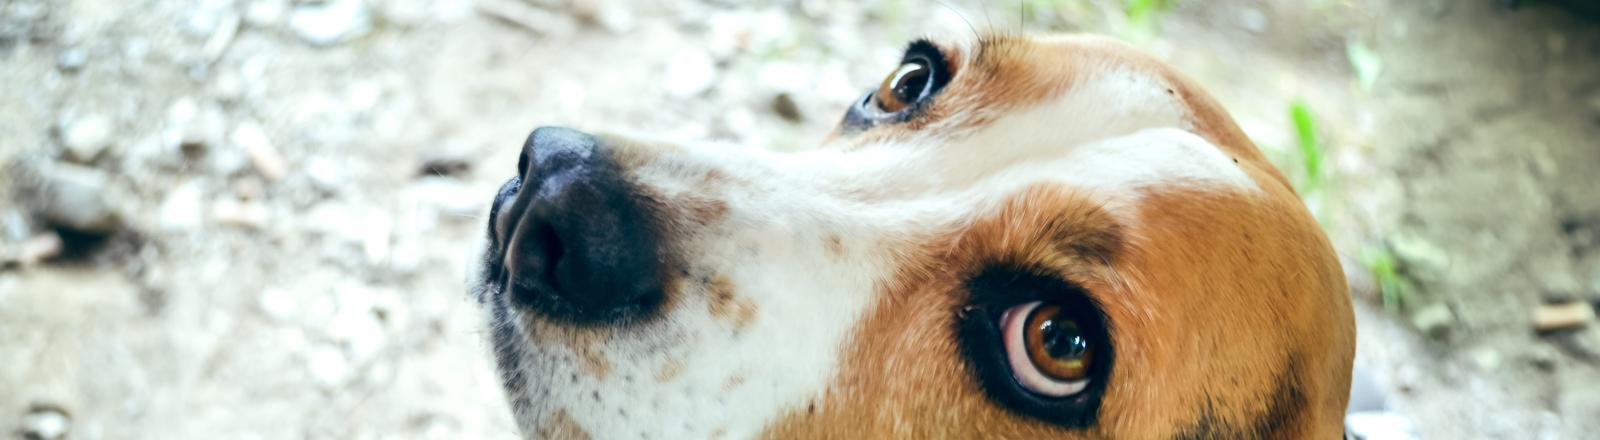 Eine Beagle schaut nachh oben